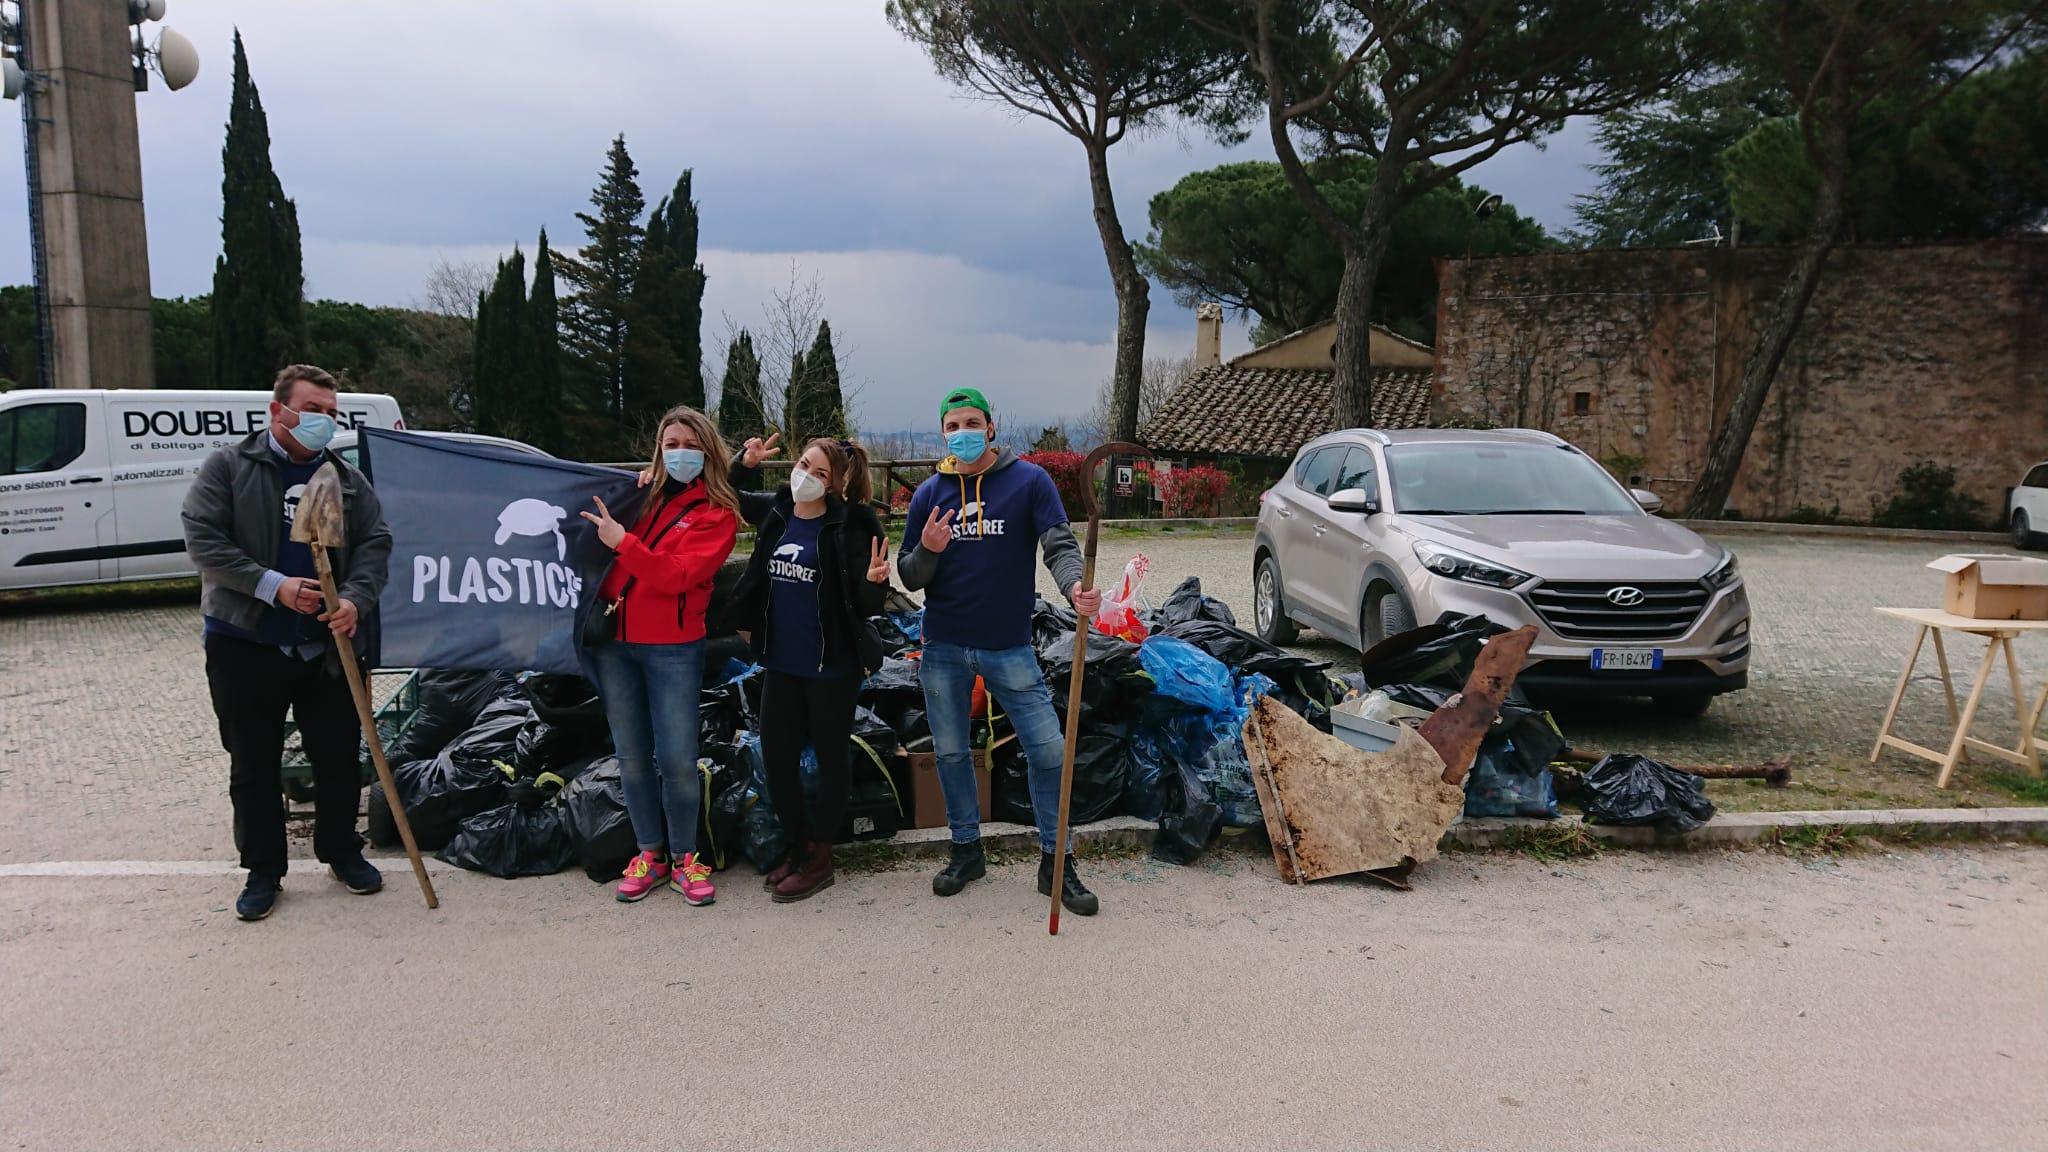 Plastic Free Onlus – Oltre 170 mila chili di rifiuti e 15 mila persone impegnate nella raccolta